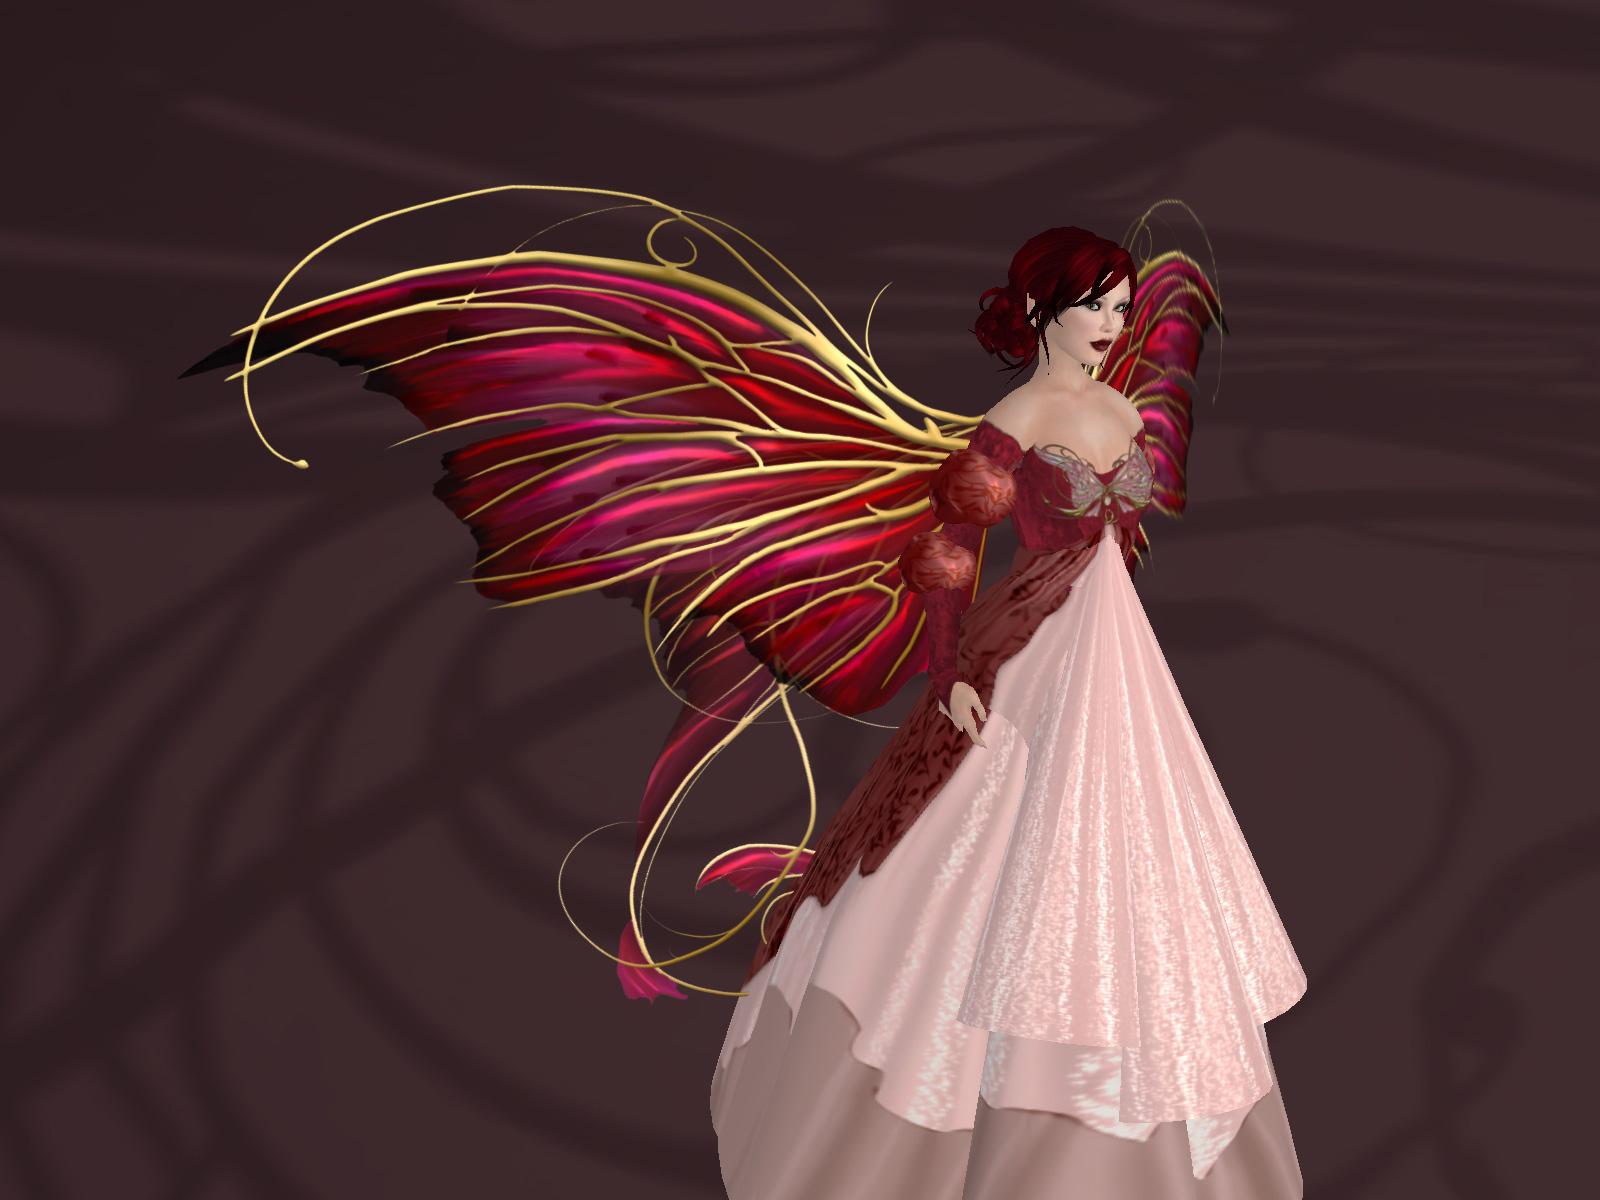 3D Graphics   Aphrodite Purple 3D   Desktop Wallpaper s 1600x1200